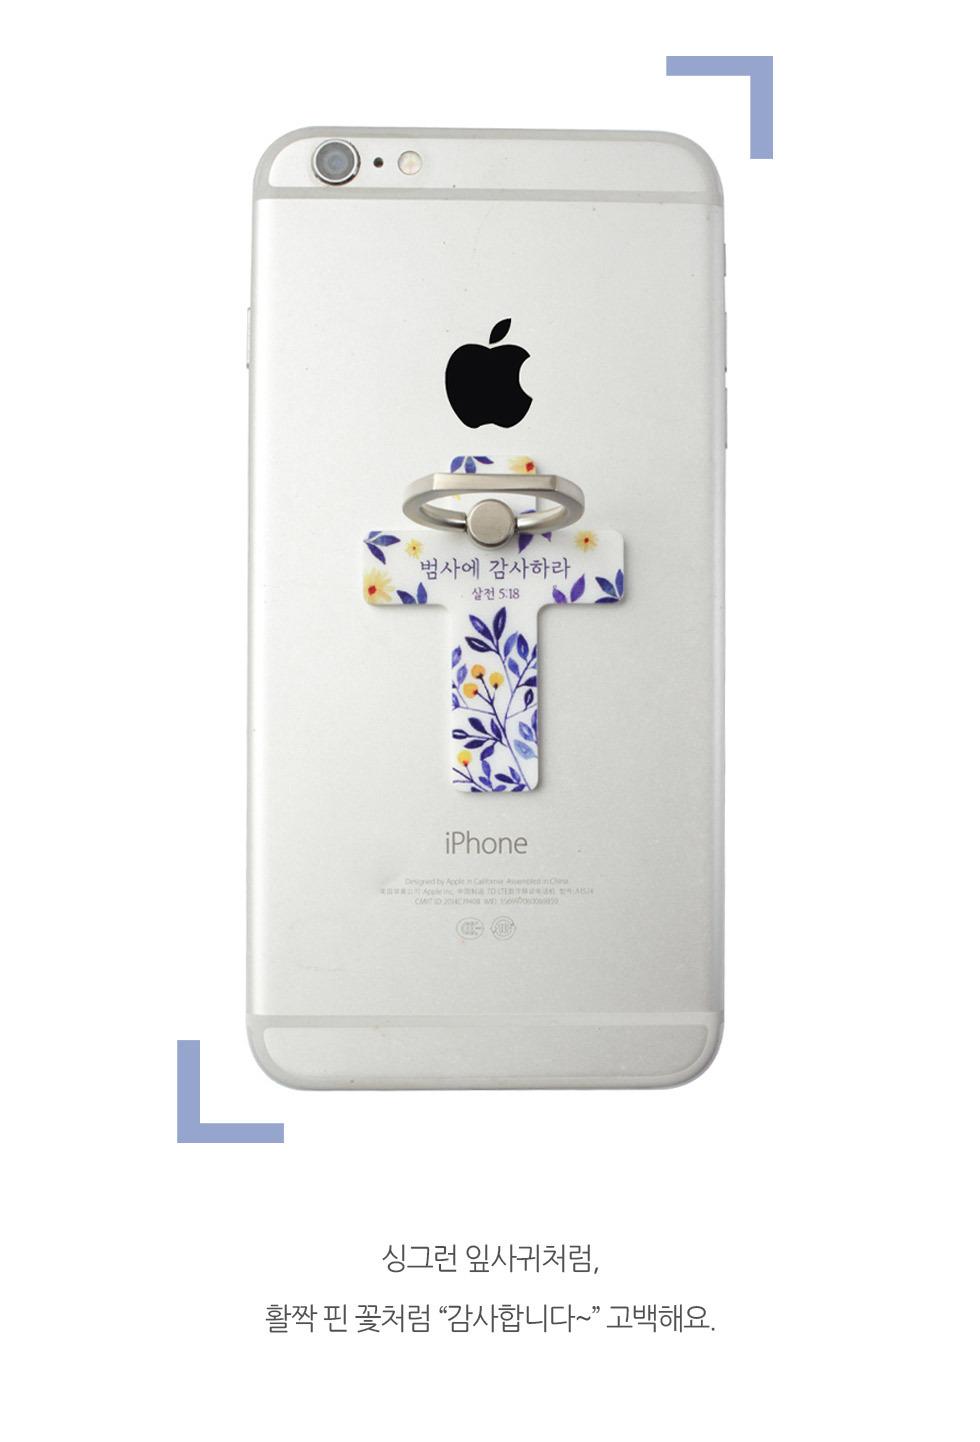 스마트폰 거치대 십자가링 3탄 제품보기1 - 나뭇잎, 범사에 감사하라 사용예